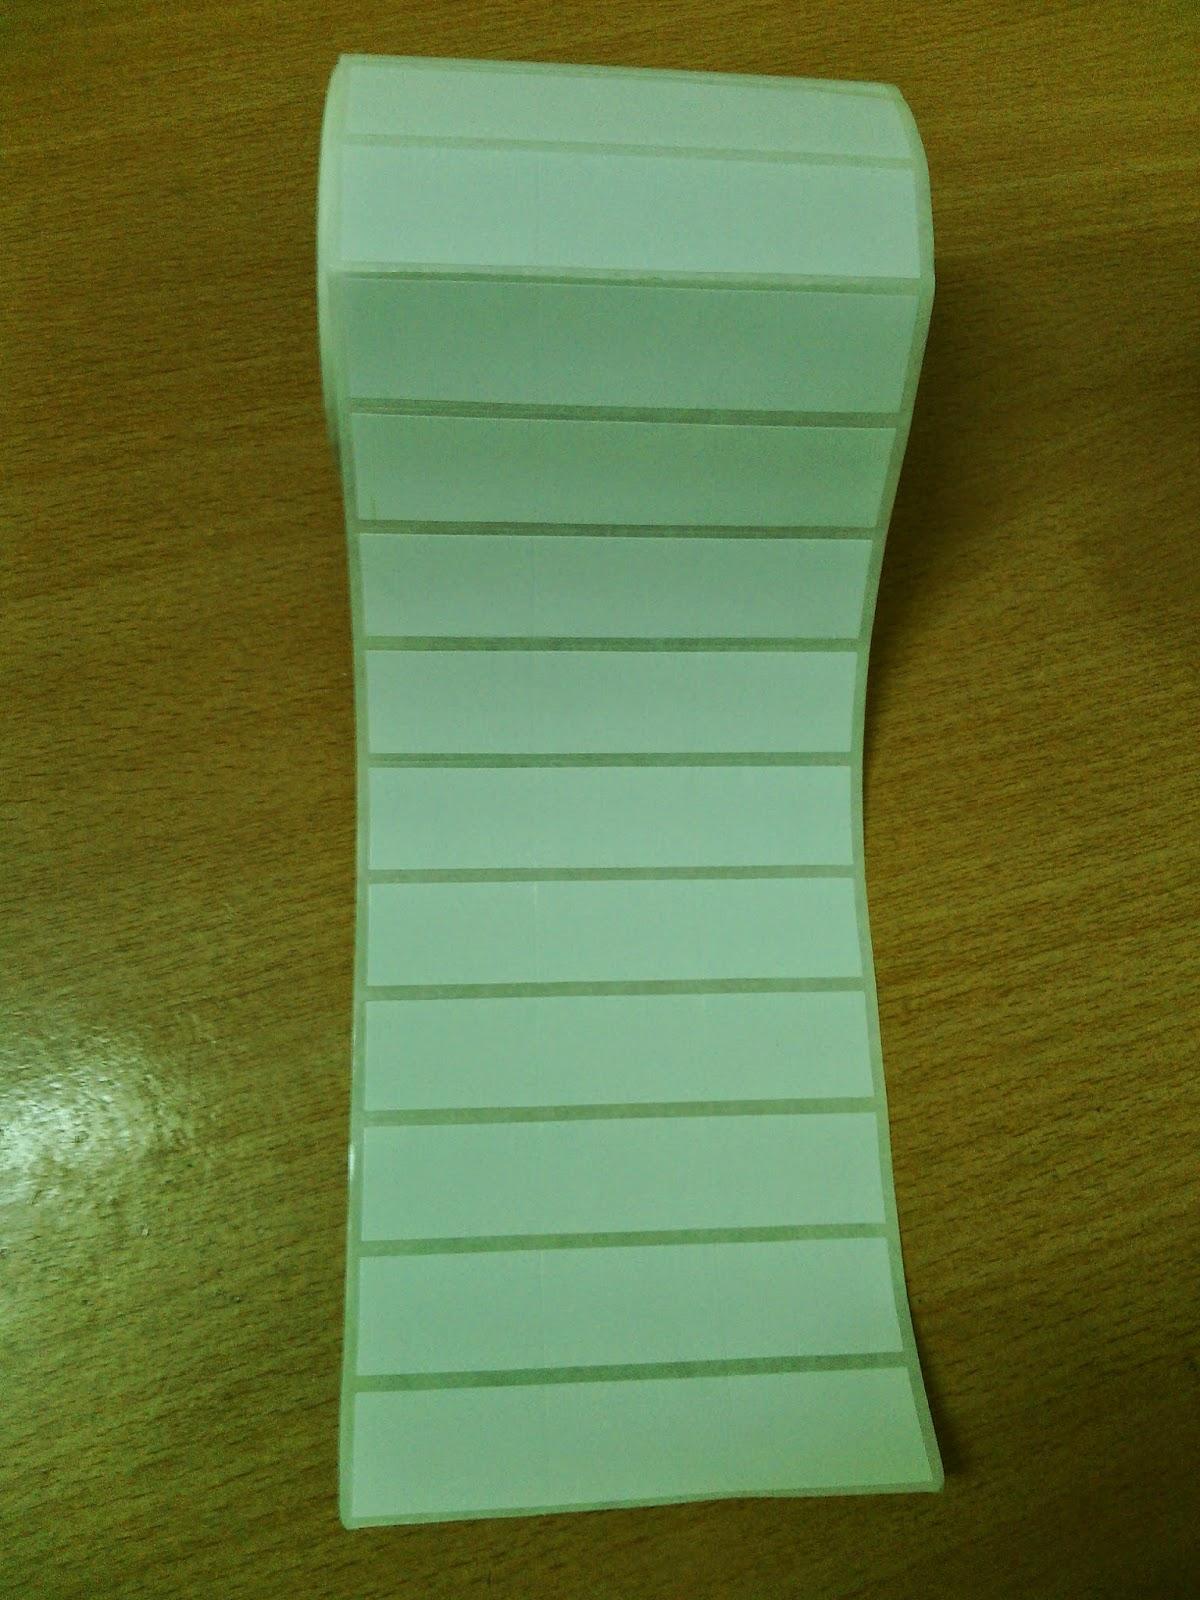 giấy in mã vạch khổ 110x50m